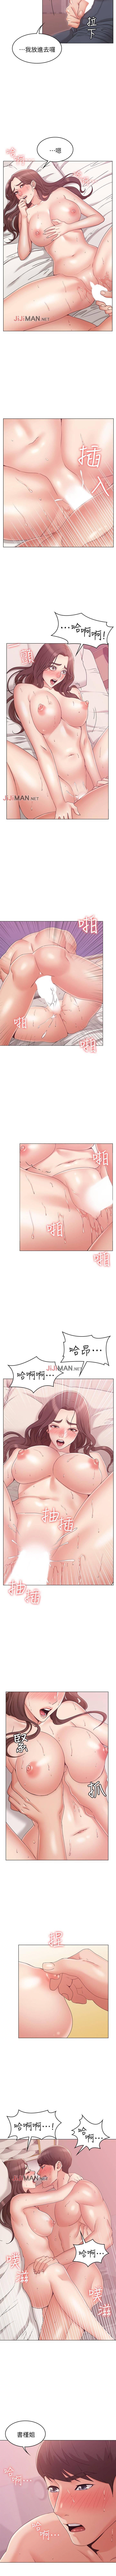 【周六连载】女友的姐姐(作者:橡果人&獵狗) 第1~23话 55